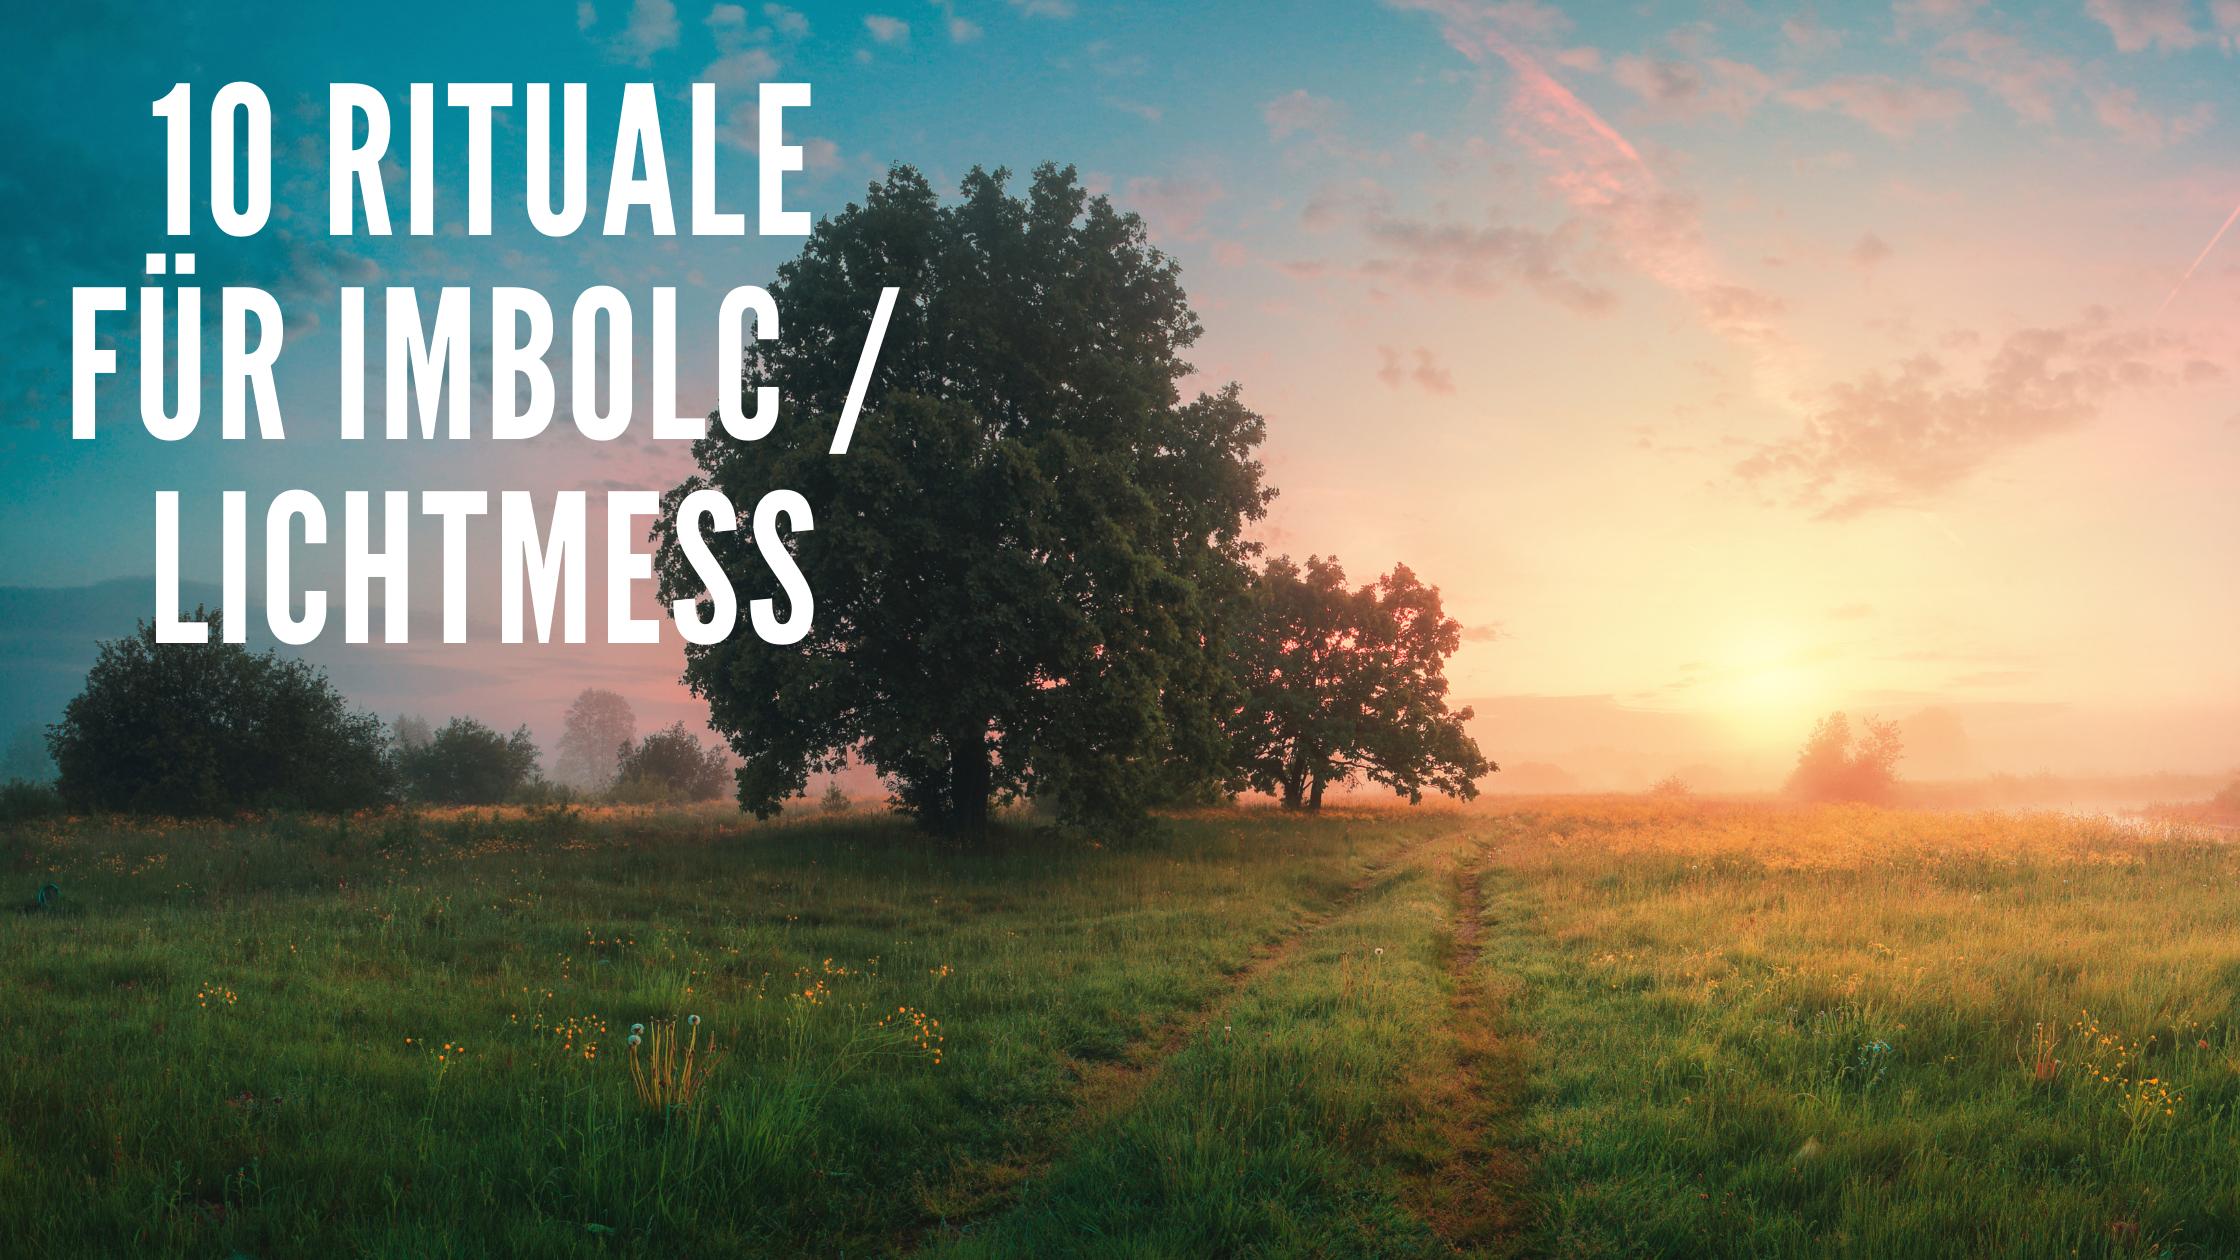 10 Rituale für Imbolc / Lichtmess, das Fest des Lichtes